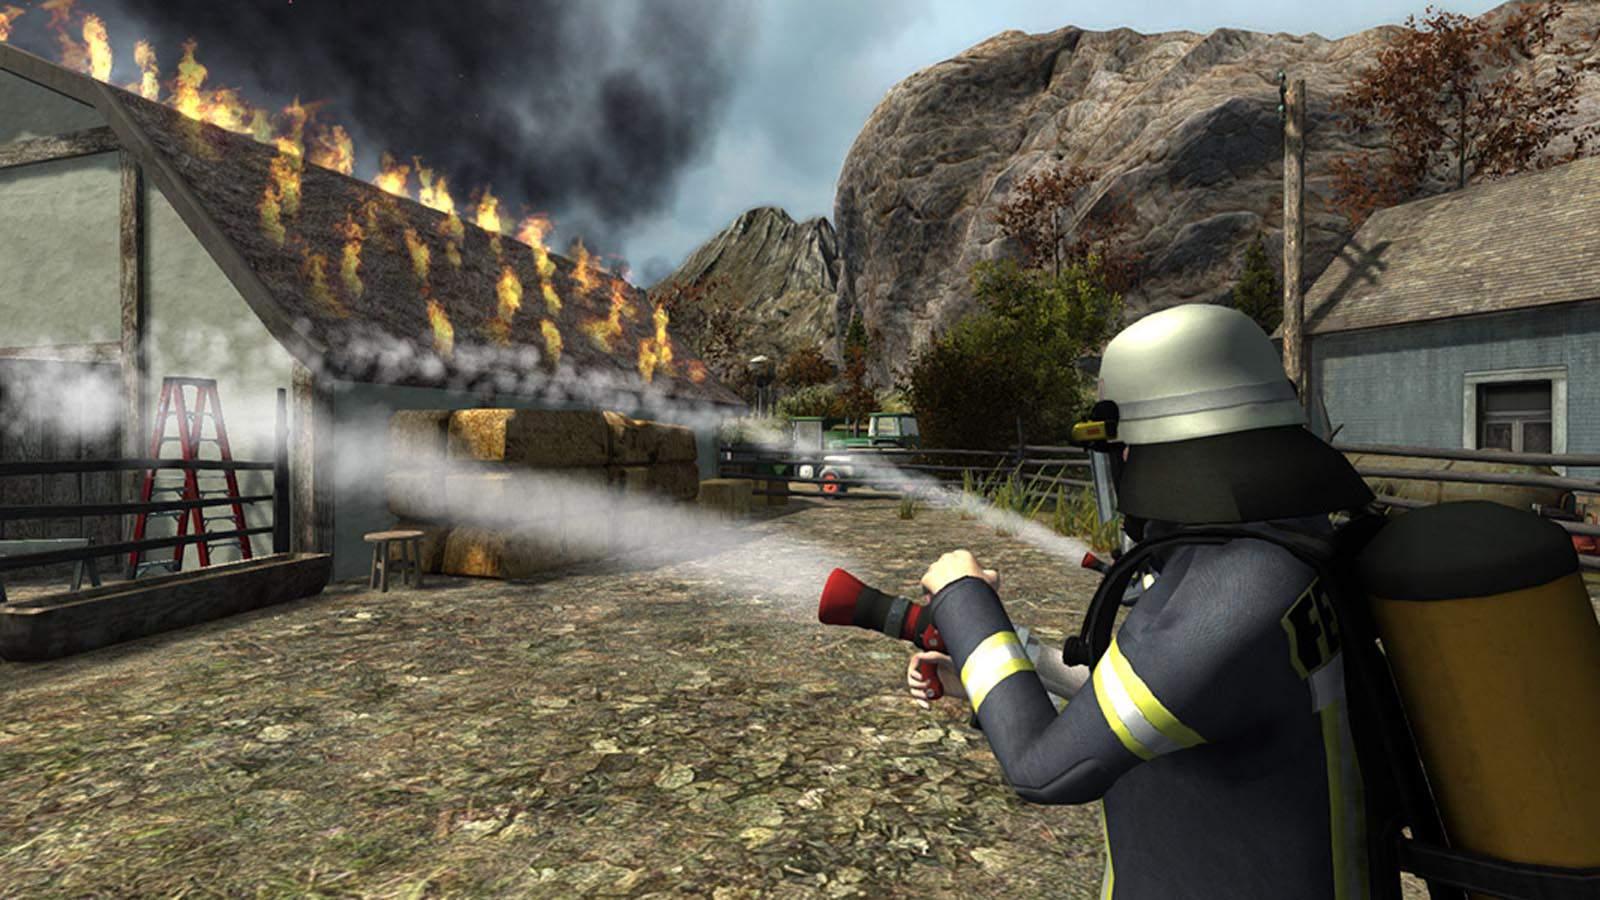 تحميل لعبة Firefighters 2014 مضغوطة كاملة بروابط مباشرة مجانا